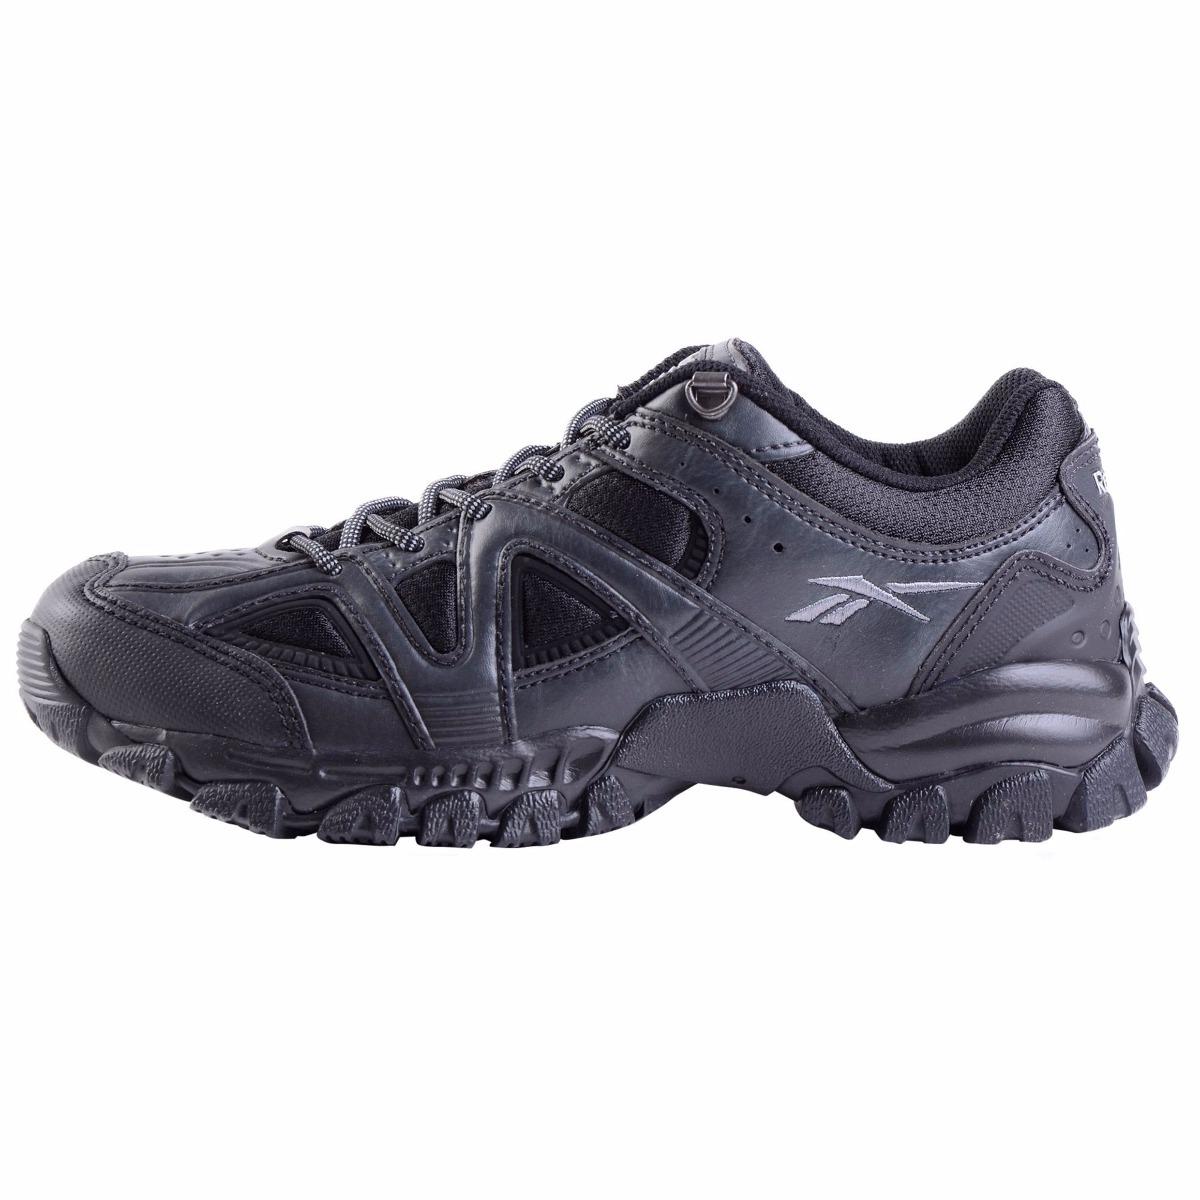 cfaf1aa45 zapatillas reebok outdoor adv kamp laminado negro. Cargando zoom.